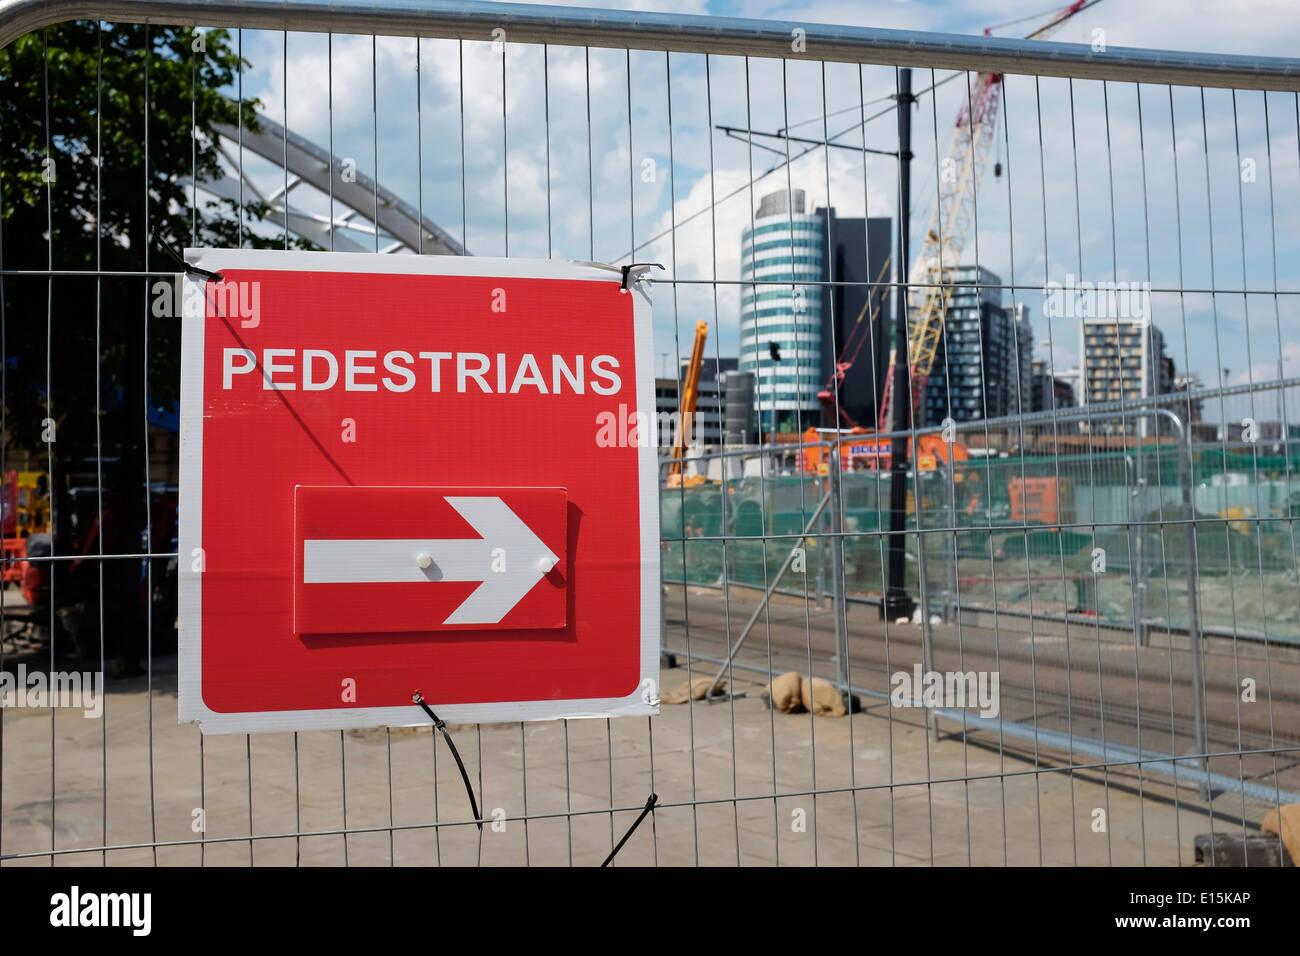 Fußgängerzone Zeichen und Heras Zaun um Werke im Stadtzentrum von Manchester UK Stockfoto